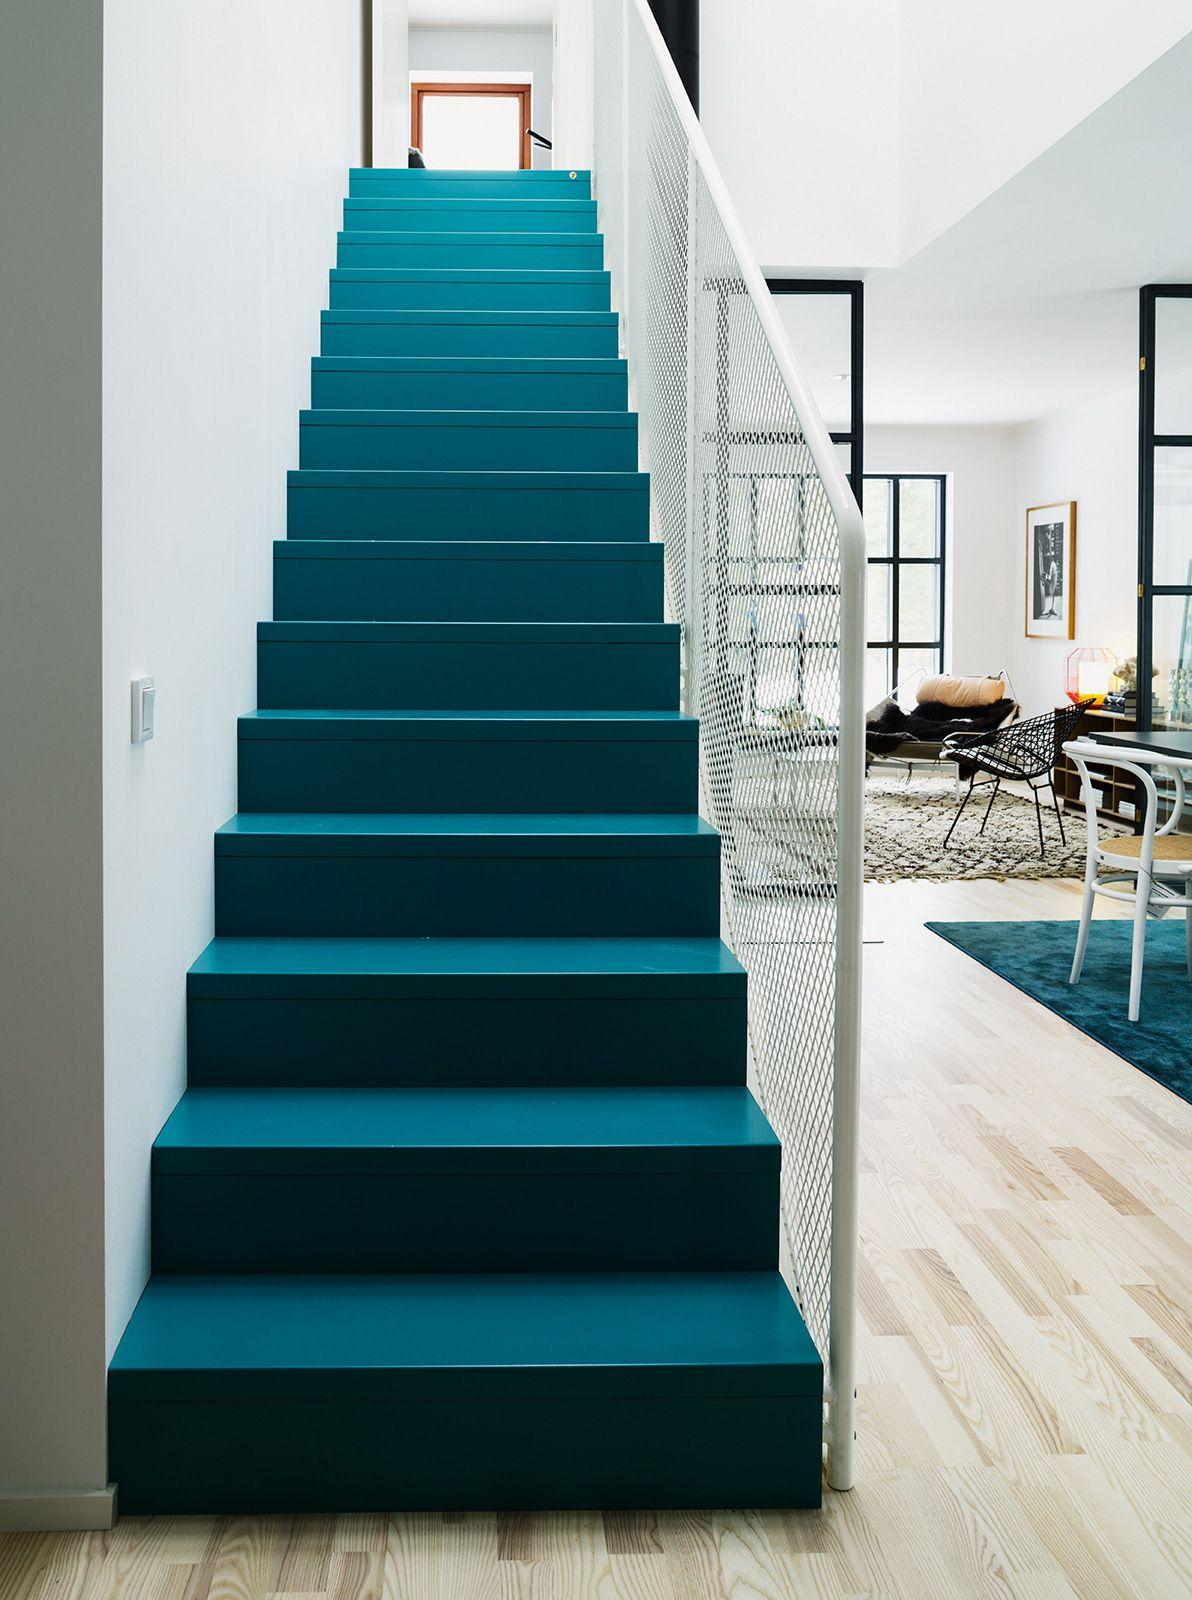 Mooie kleur voor de trap op BG.